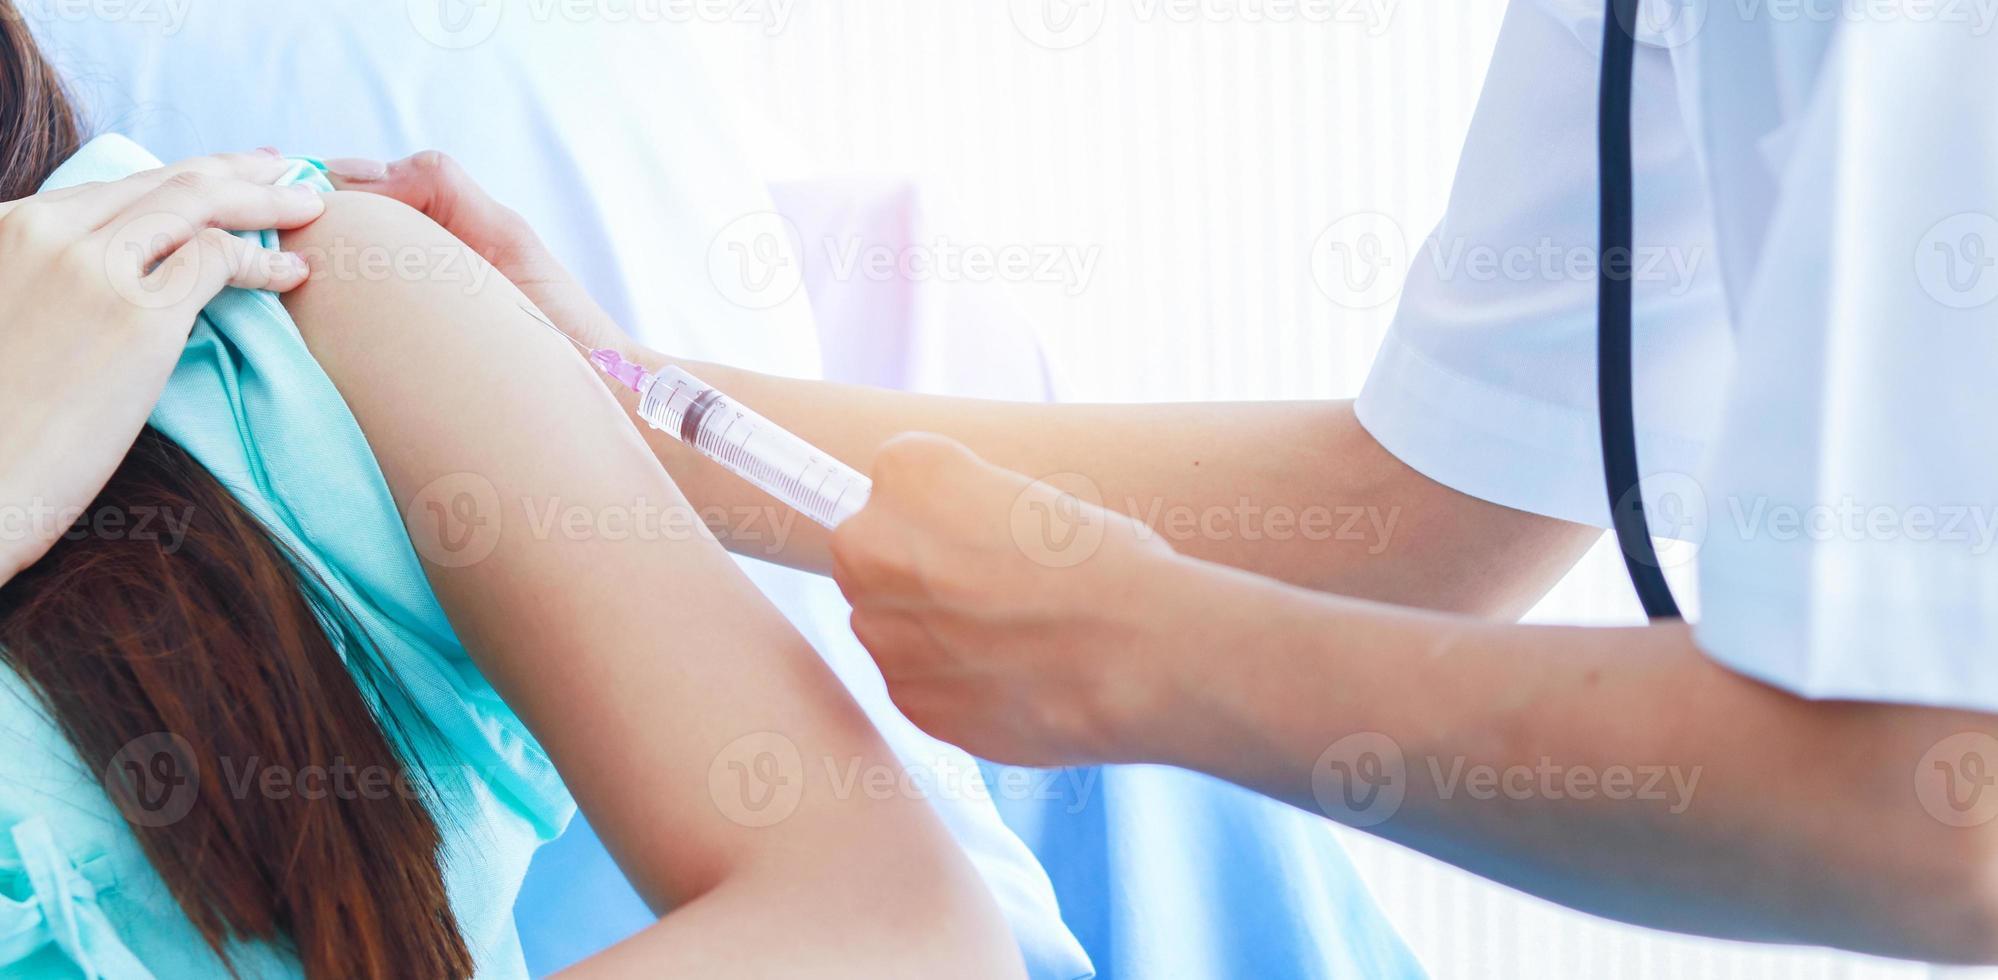 Ärztin, die einem Patienten eine Spritze injiziert foto